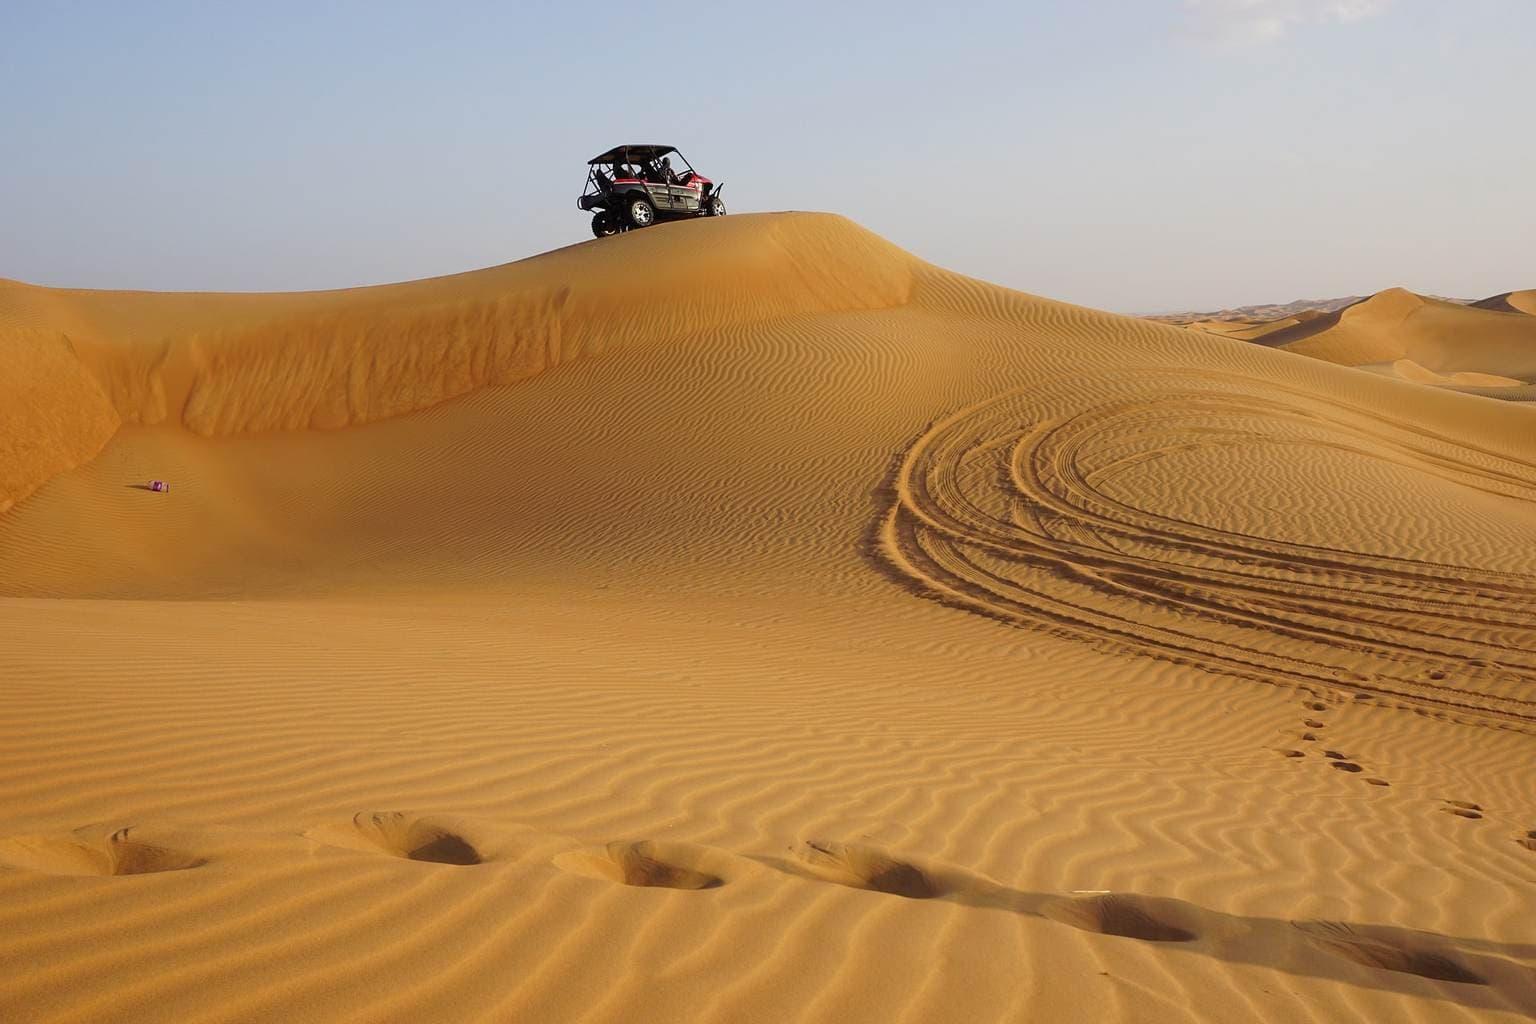 Go quad biking in the desert